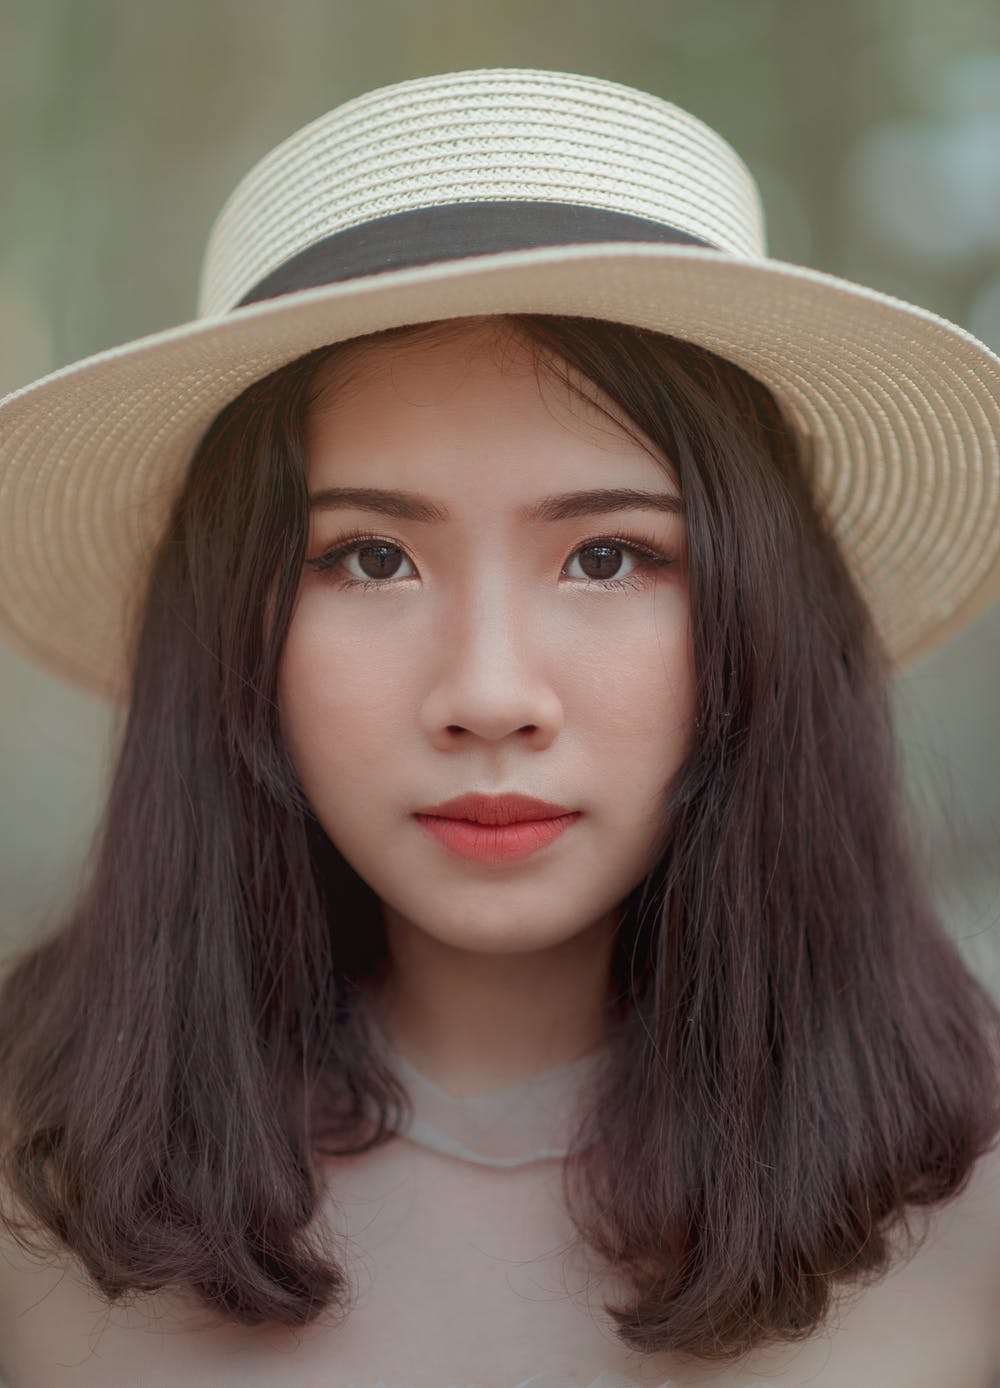 поздравляю физикой, шляпы для азиаток фото чем